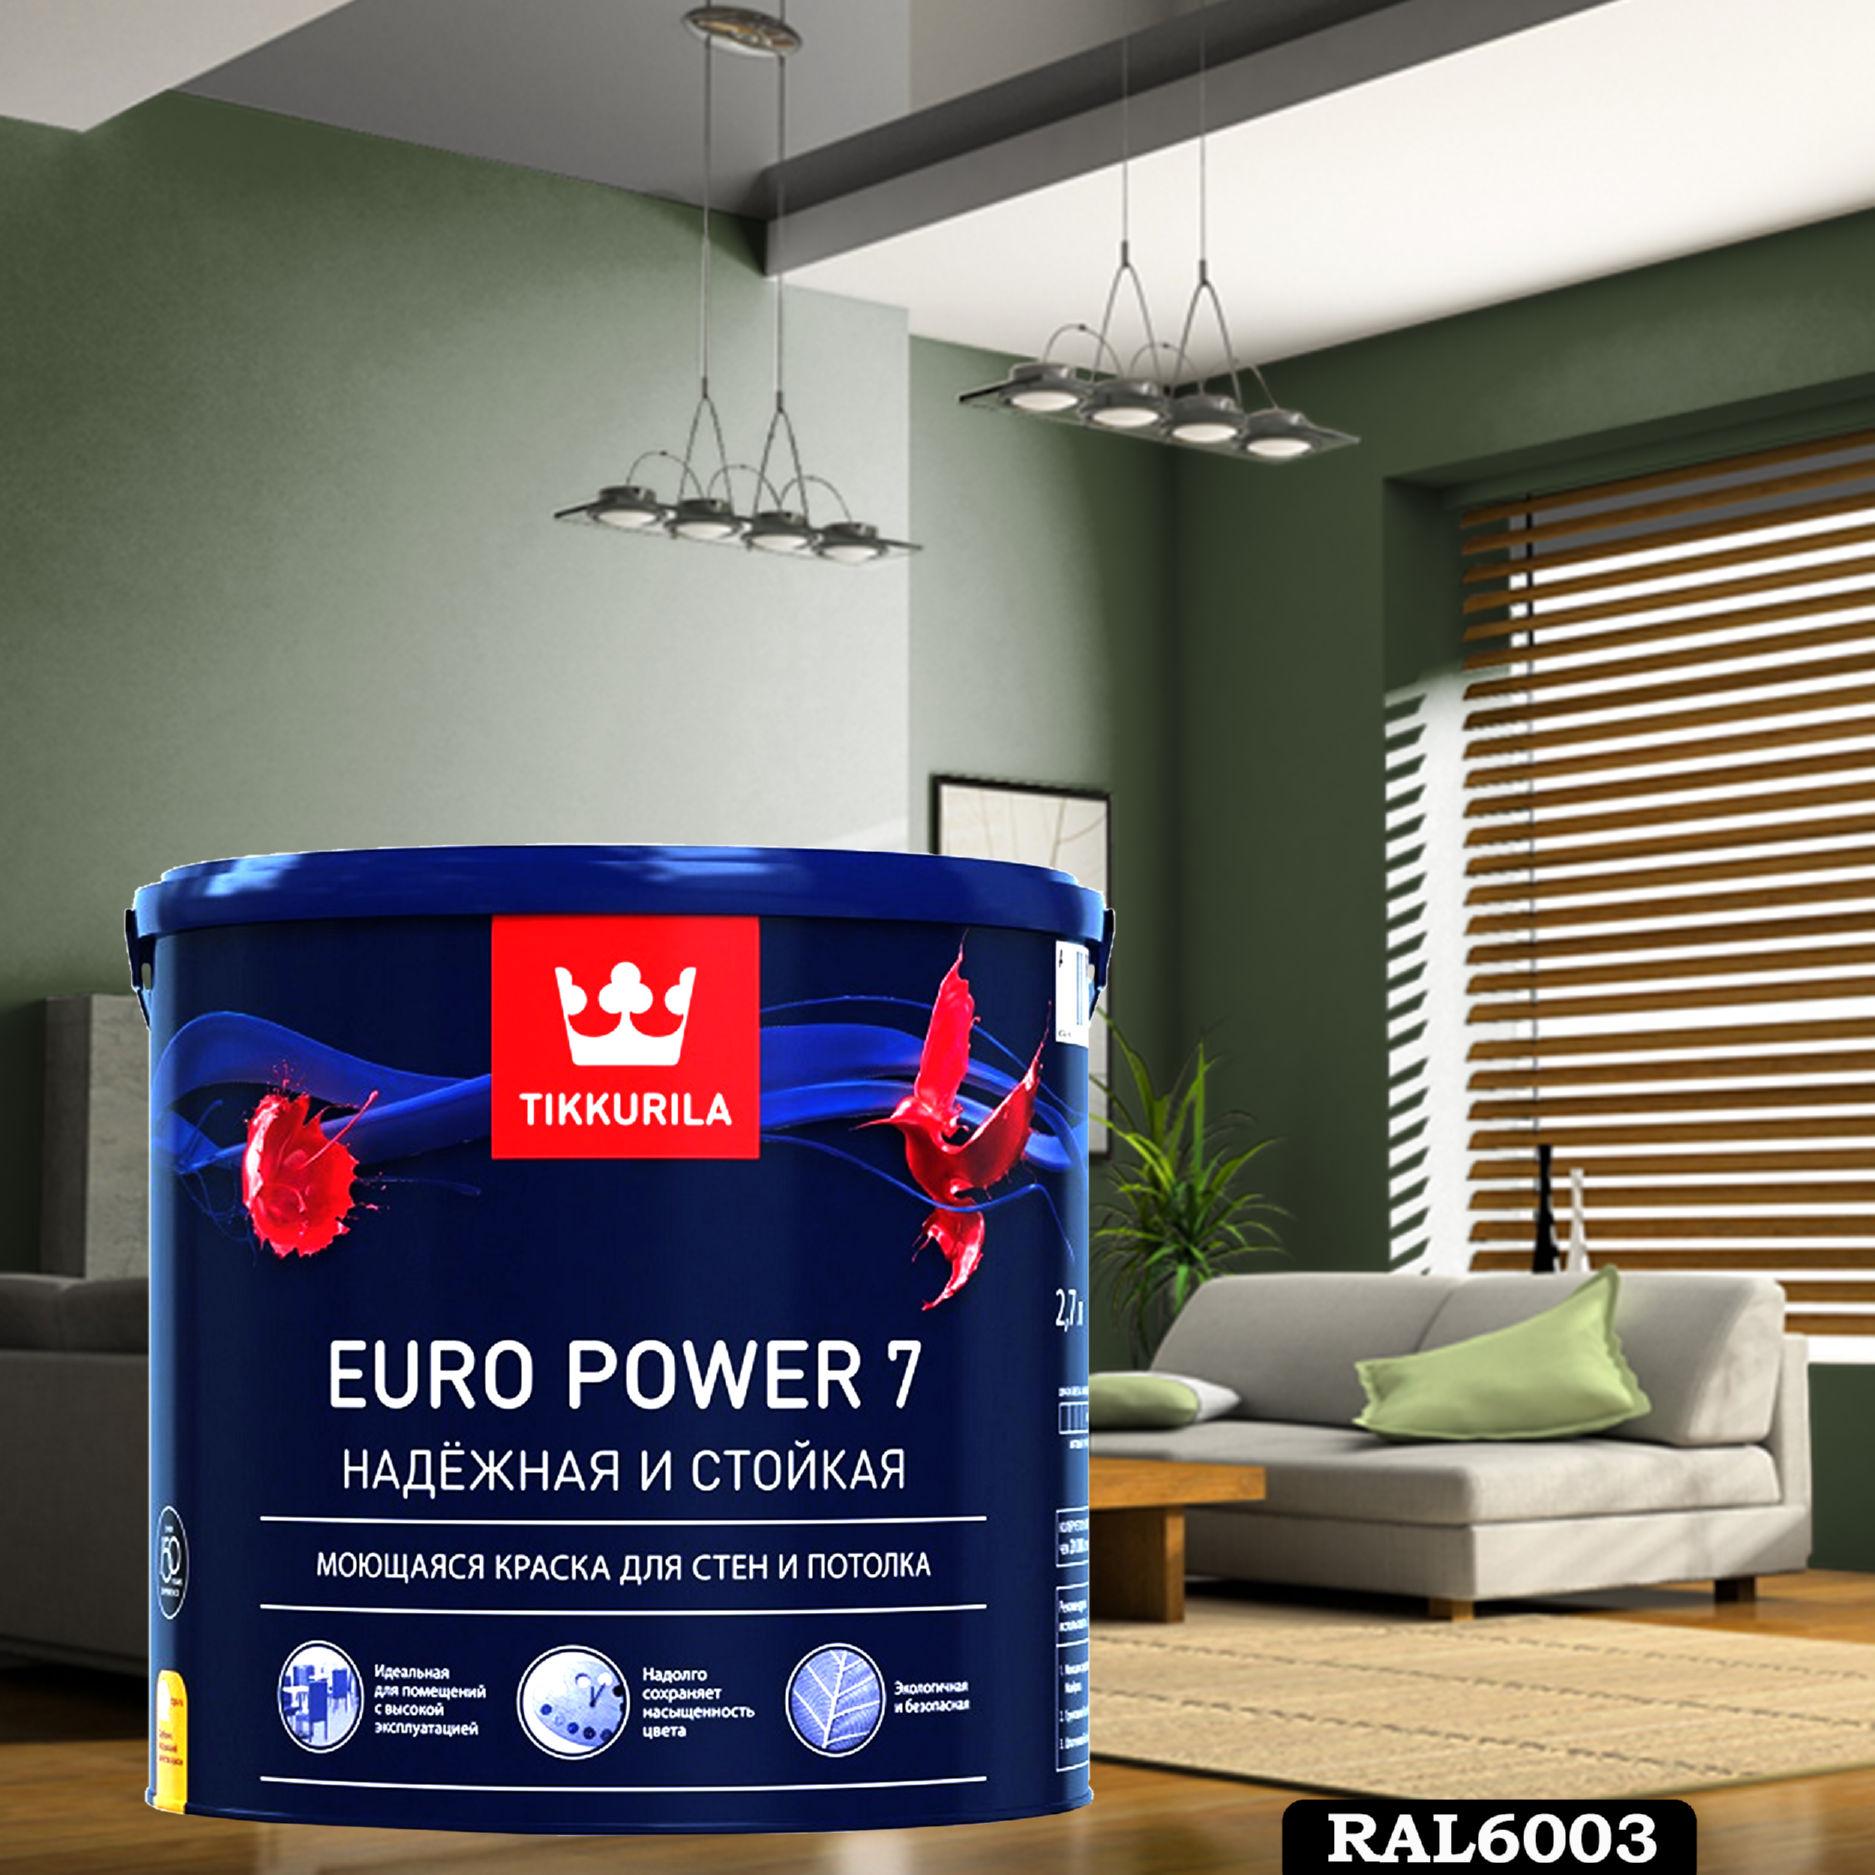 Фото 4 - Краска TIKKURILA Euro Power 7,  RAL 6003 Оливково-зеленый, латексная моющаяся матовая интерьерная, 9 л.